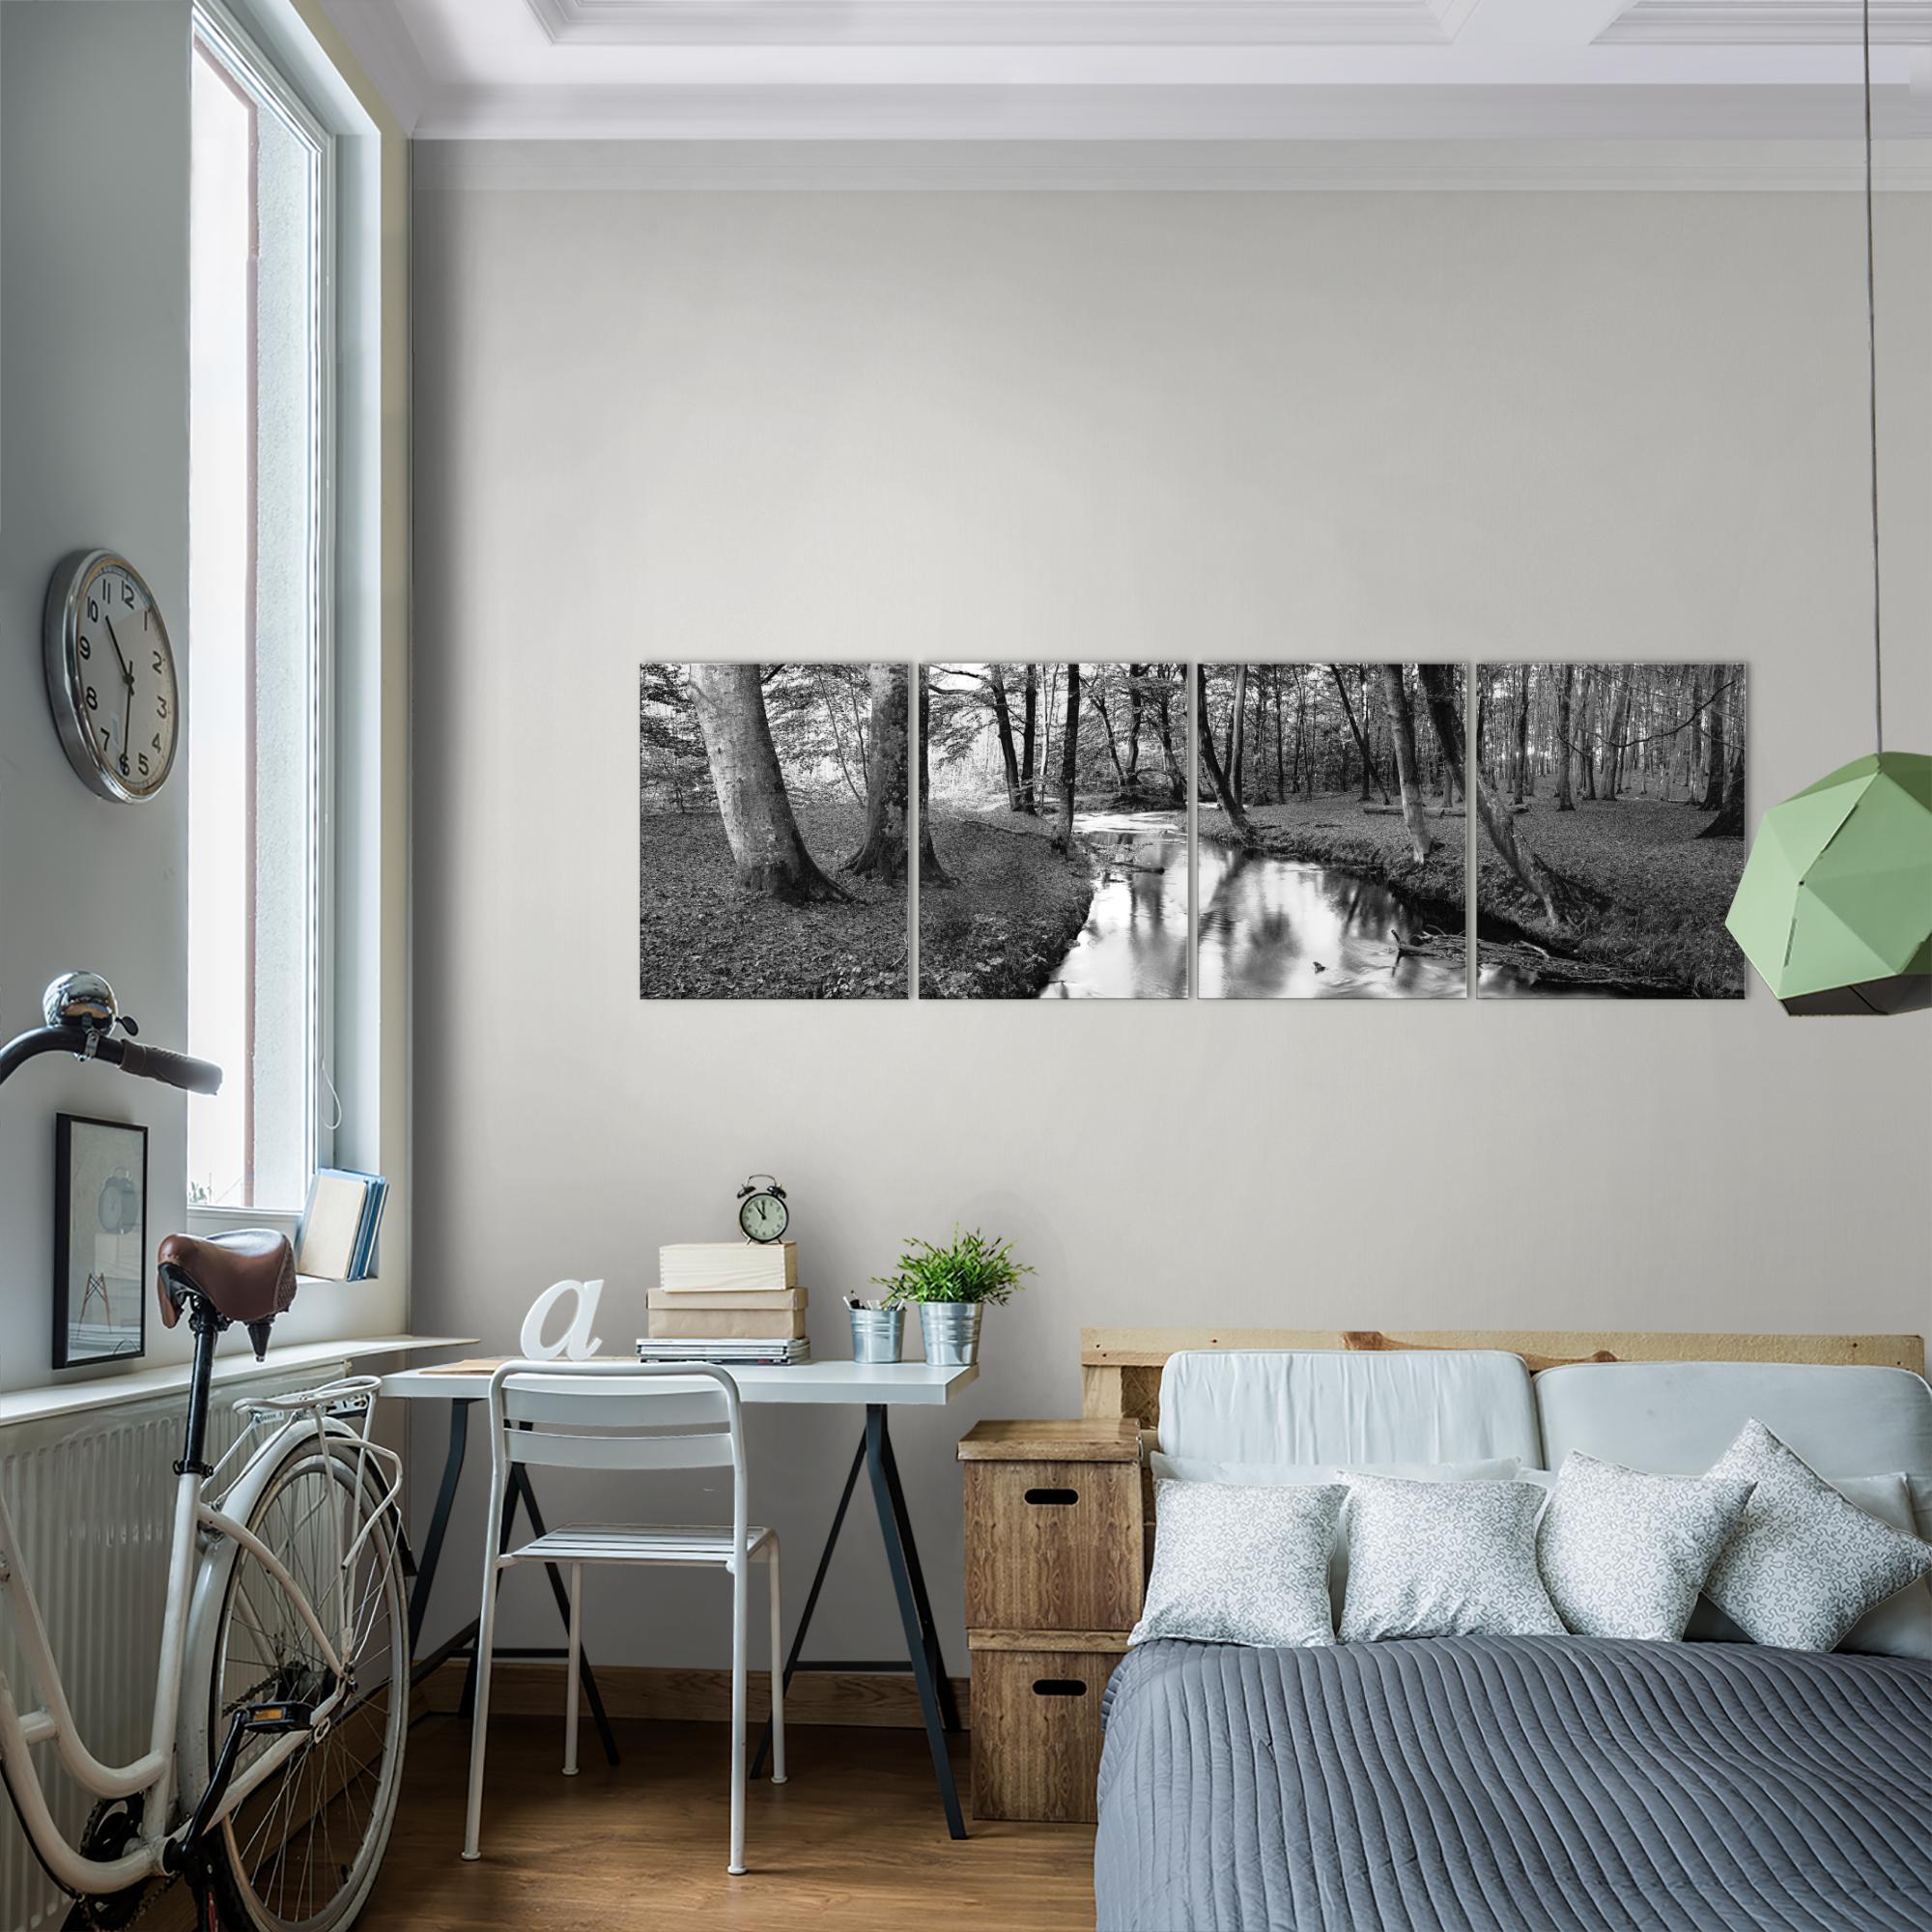 wald bild kunstdruck auf vlies leinwand xxl dekoration 602346p. Black Bedroom Furniture Sets. Home Design Ideas